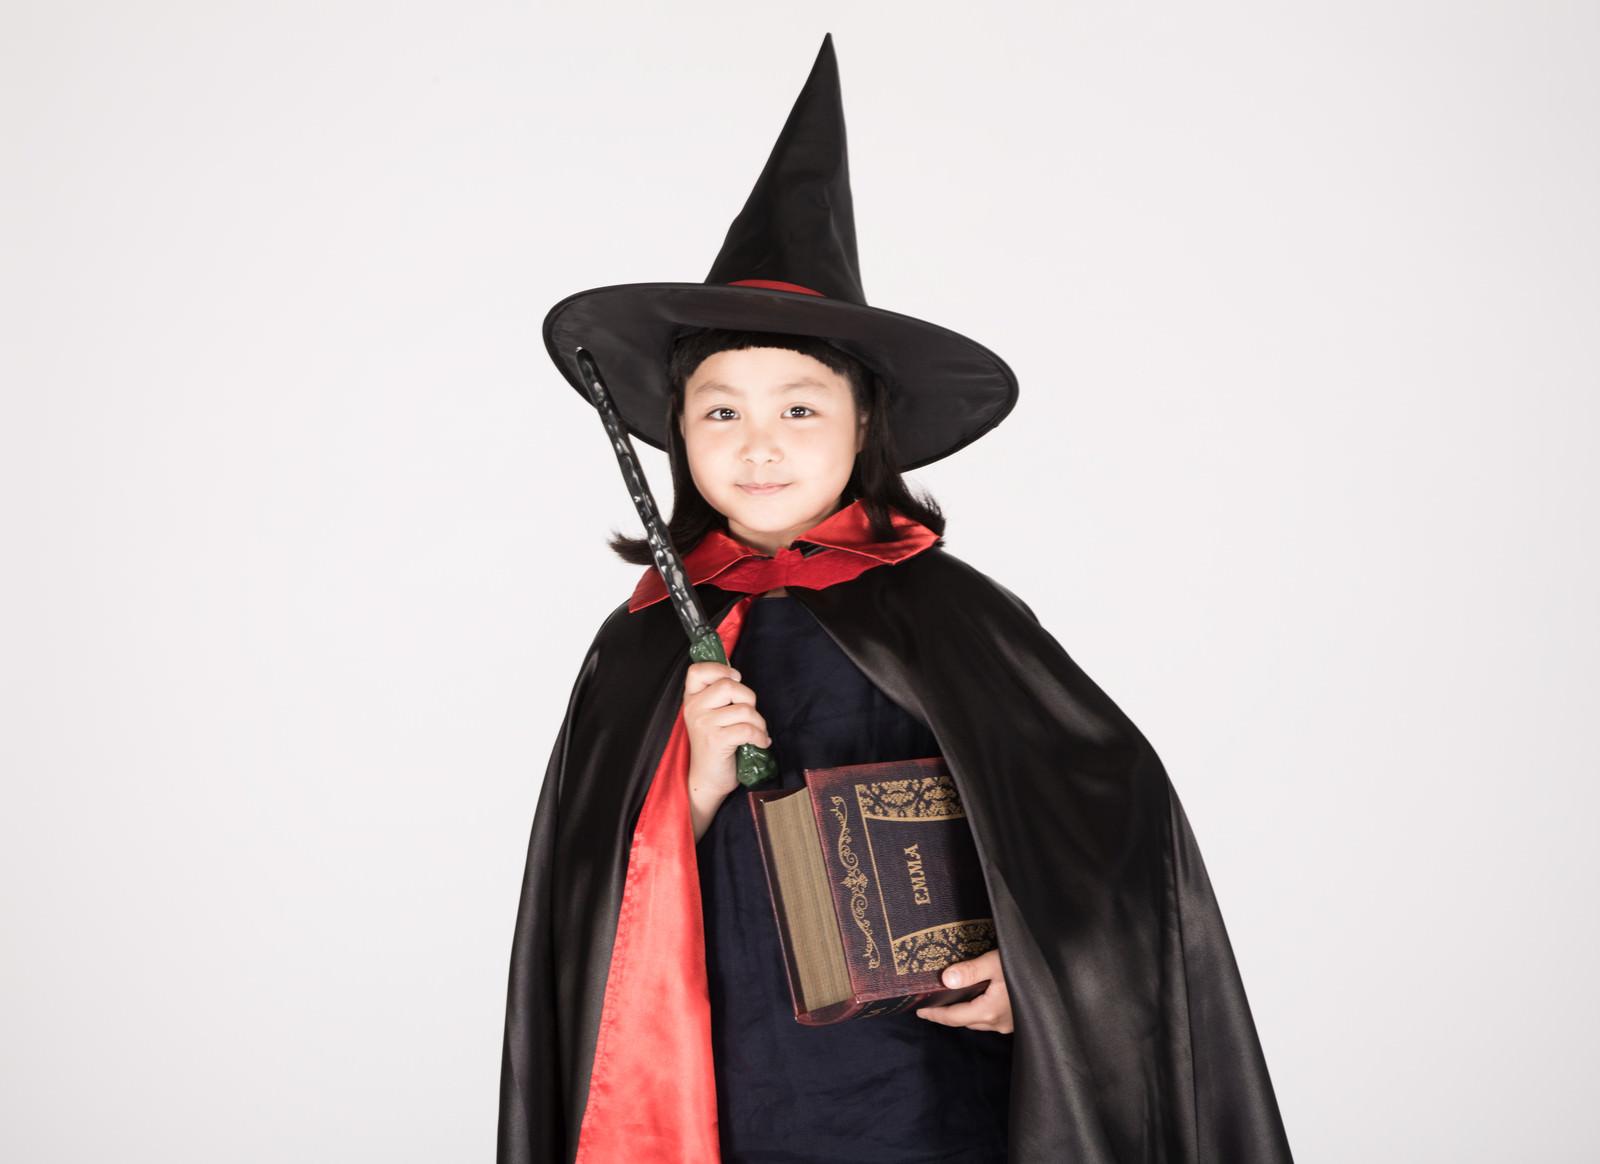 「魔法使い見習いの女の子魔法使い見習いの女の子」のフリー写真素材を拡大